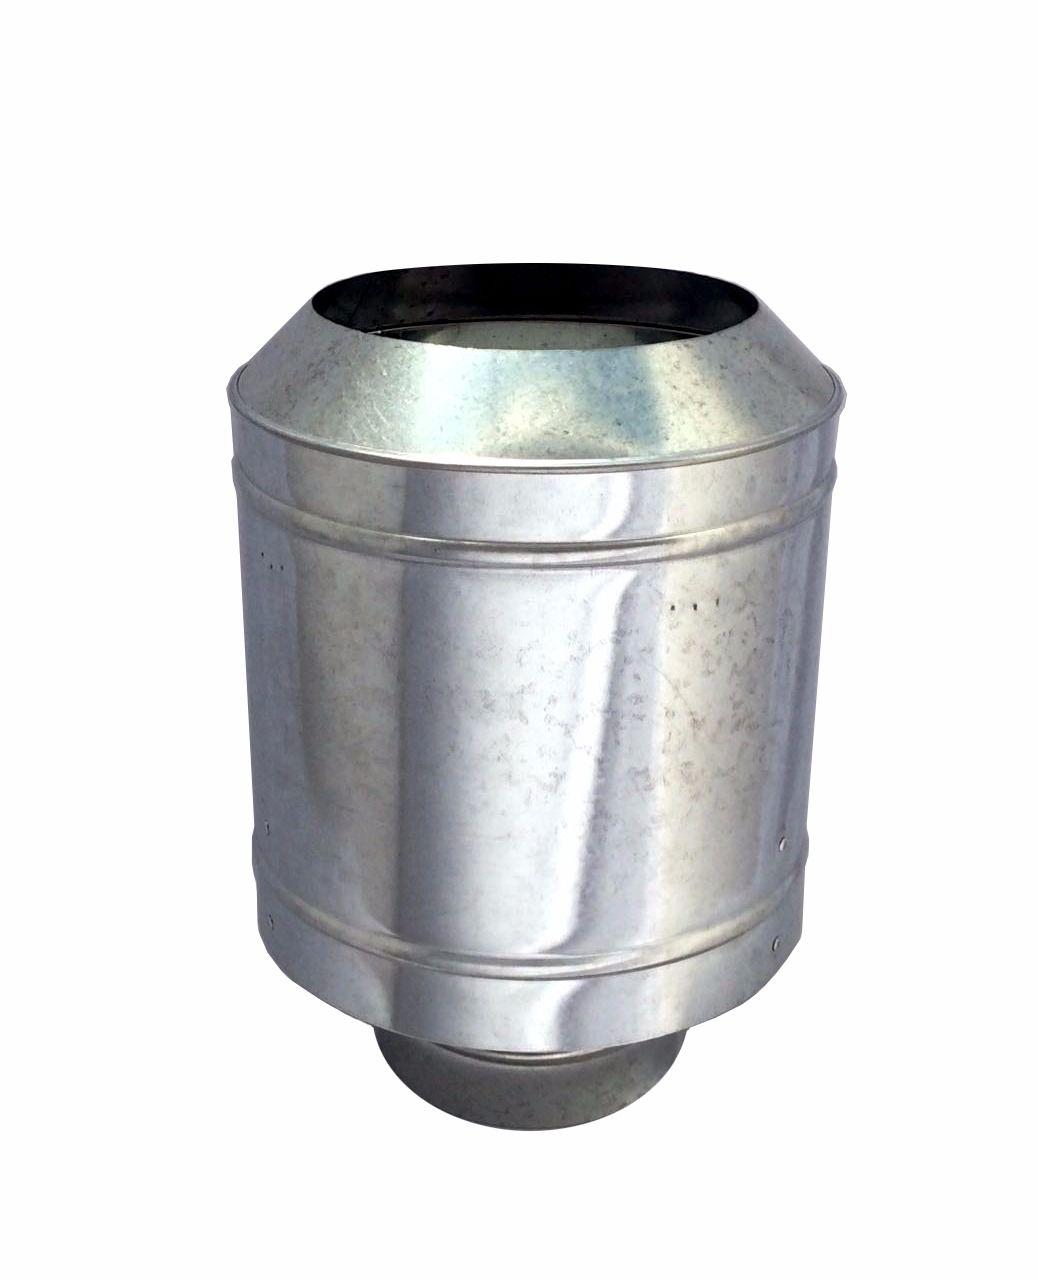 Chapéu galvanizado tipo canhão sputinik para chaminé de 255 mm de diâmetro.  - Galvocalhas